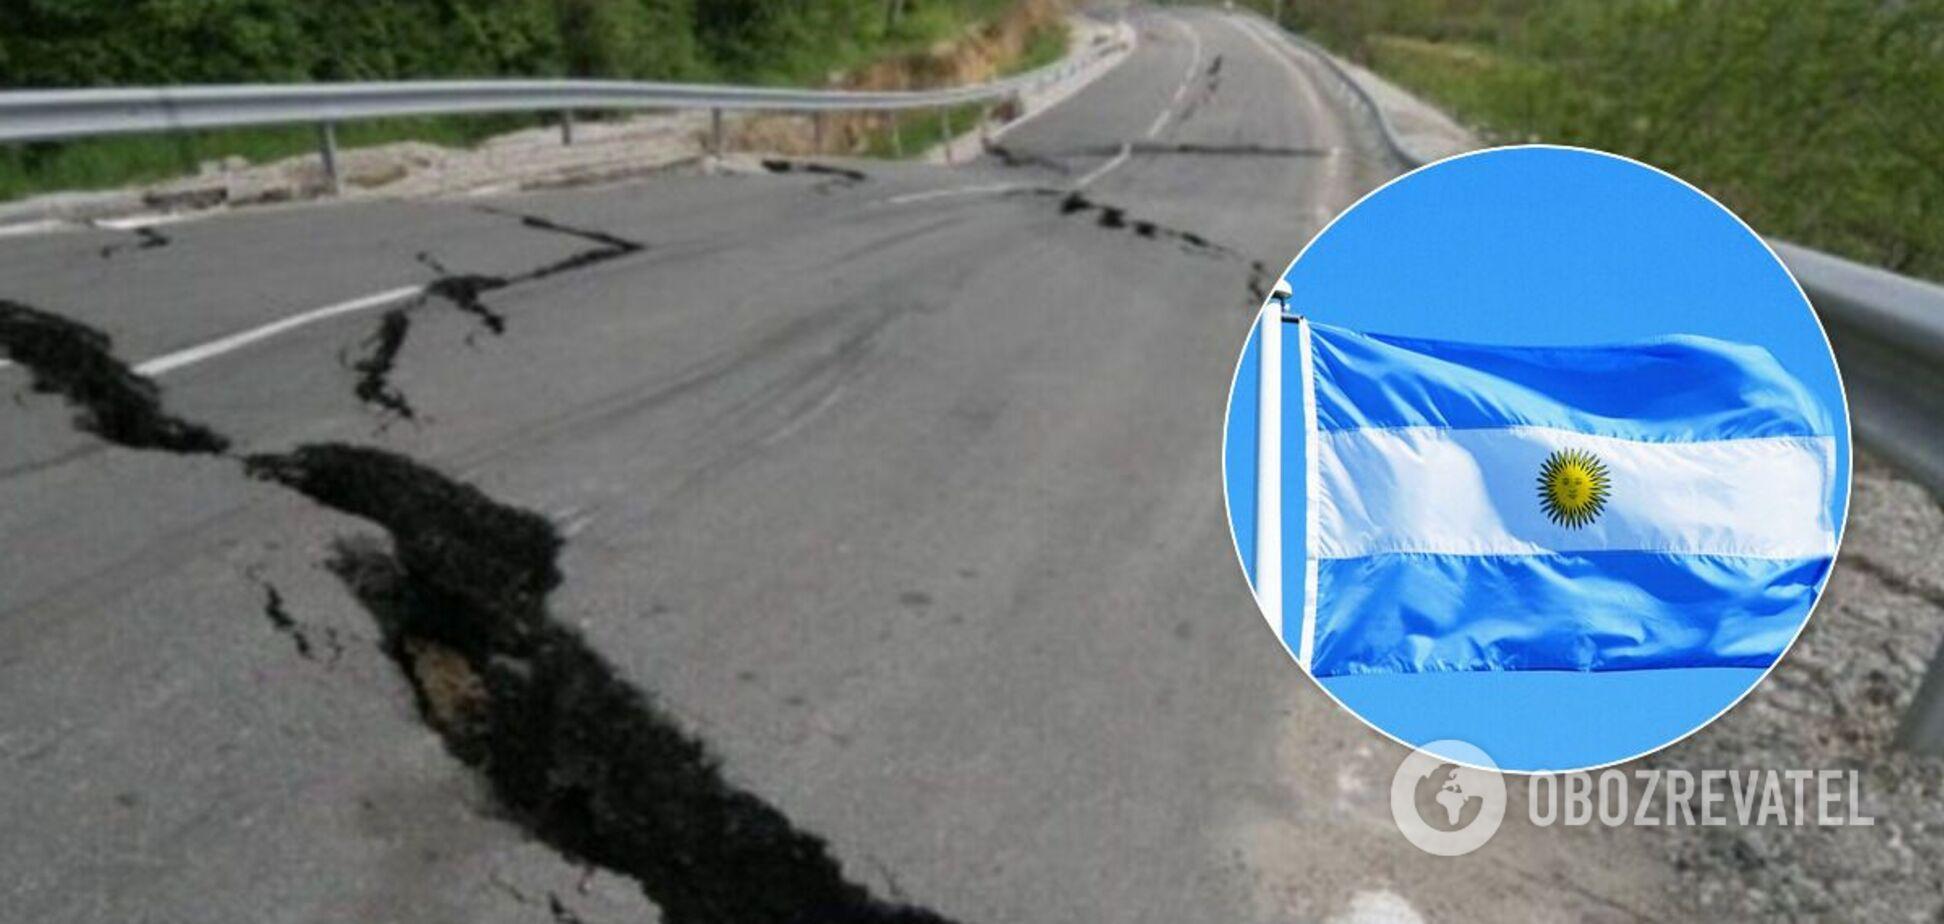 В Аргентине произошло мощное землетрясение: люди в панике покидали дома. Фото и видео